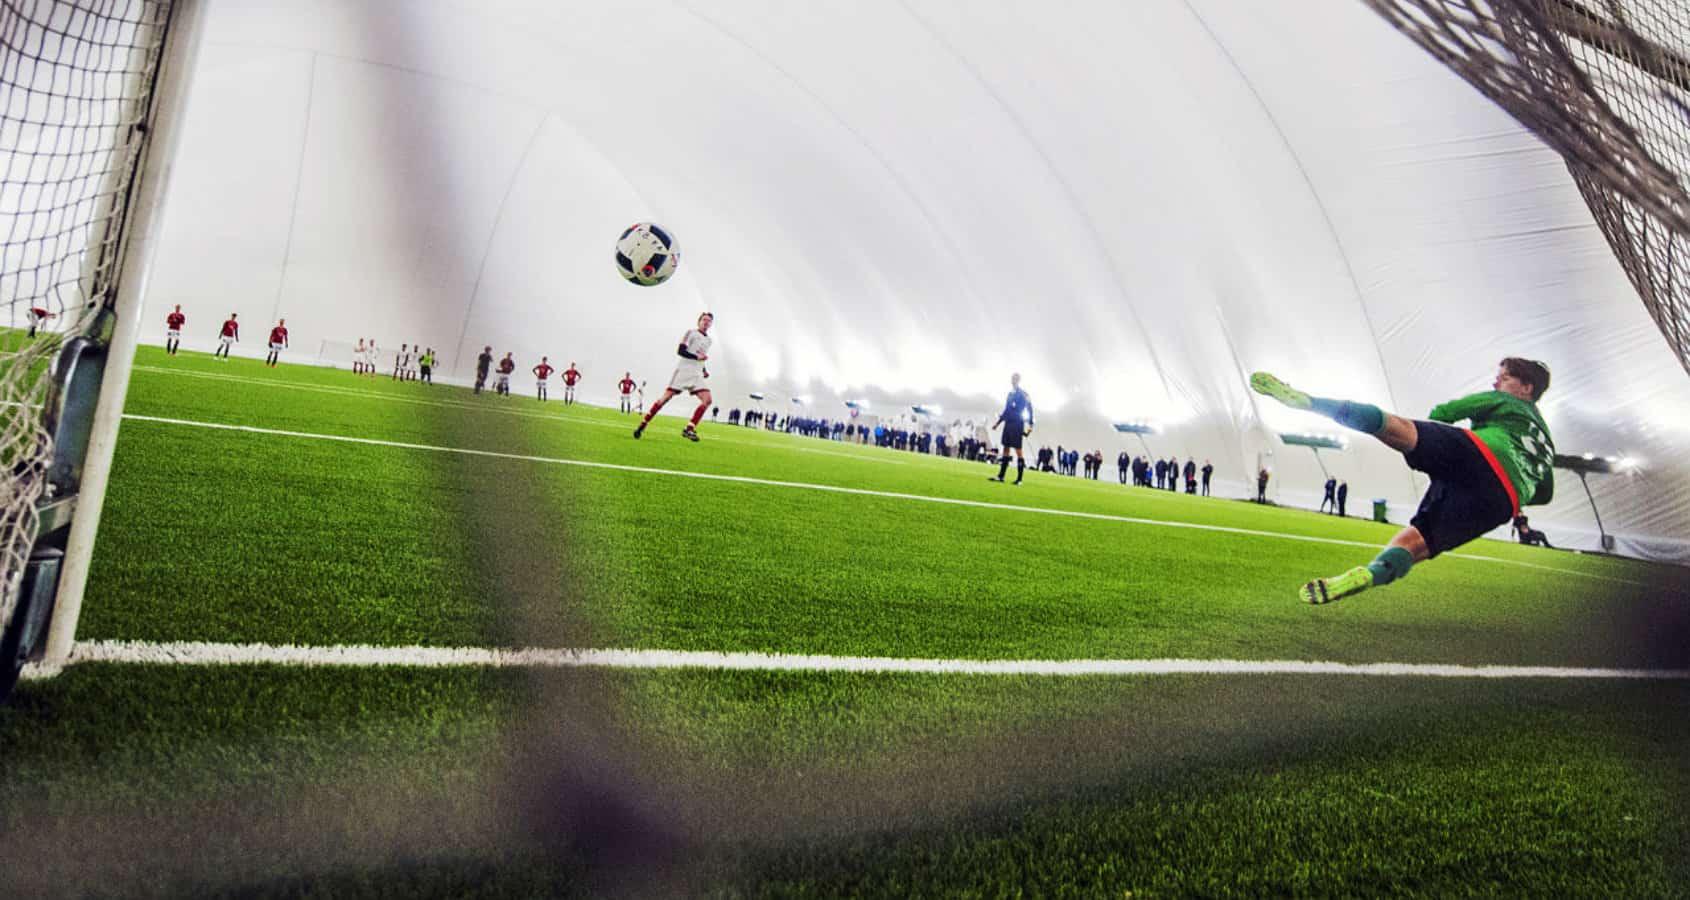 Fotbollsläger i Sverige